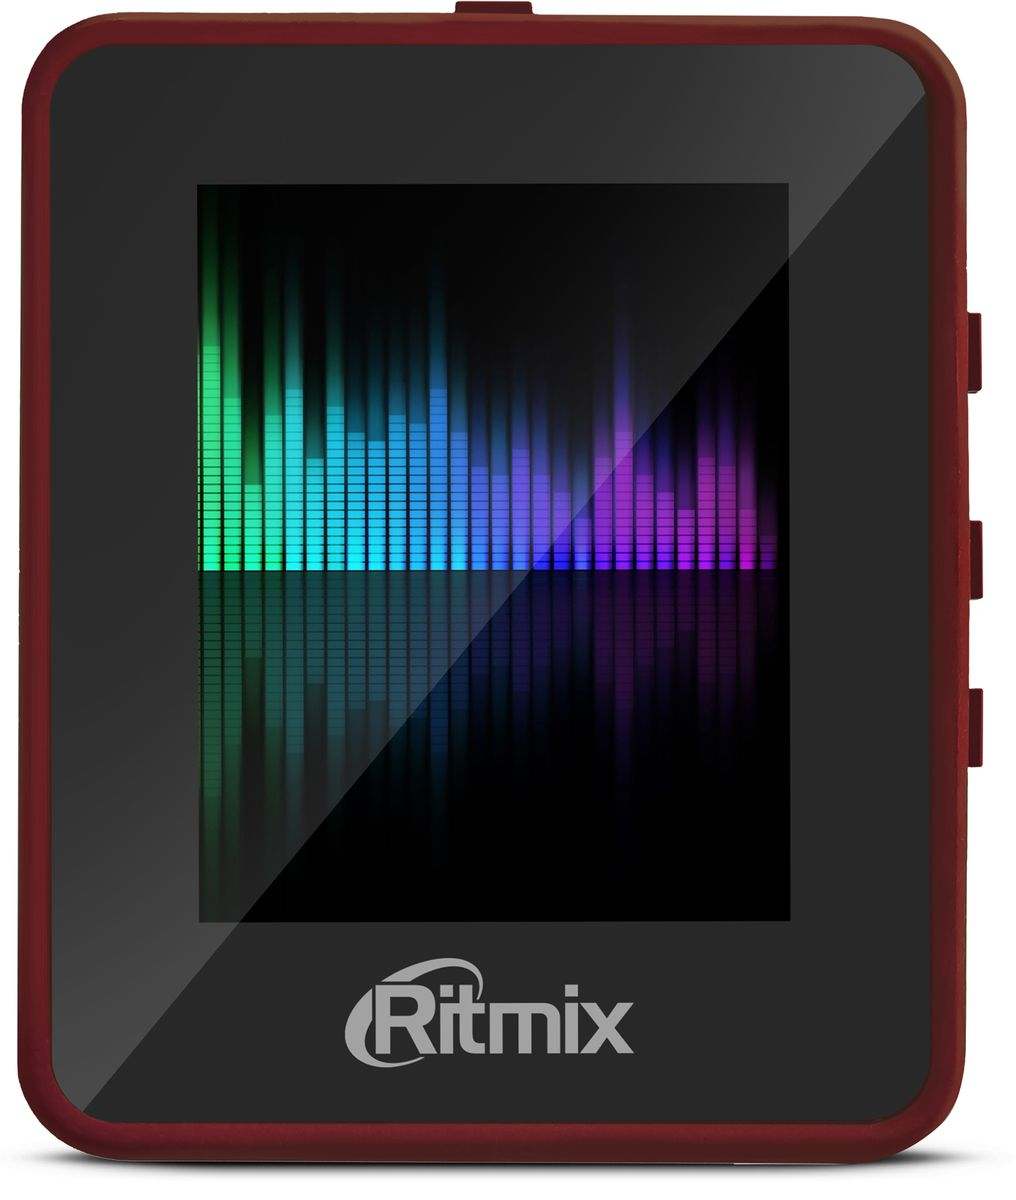 Ritmix RF-4150 8Gb, Red MP3-плеер151174538Гб, 1,8 сенсорный дисплей, аудио: MP3, WMA, видео: AVI, фото: JPEG, BMP, текст: TXT, FM-радио, диктофон, разъем для SD-карты, клипса для крепления, бордовый